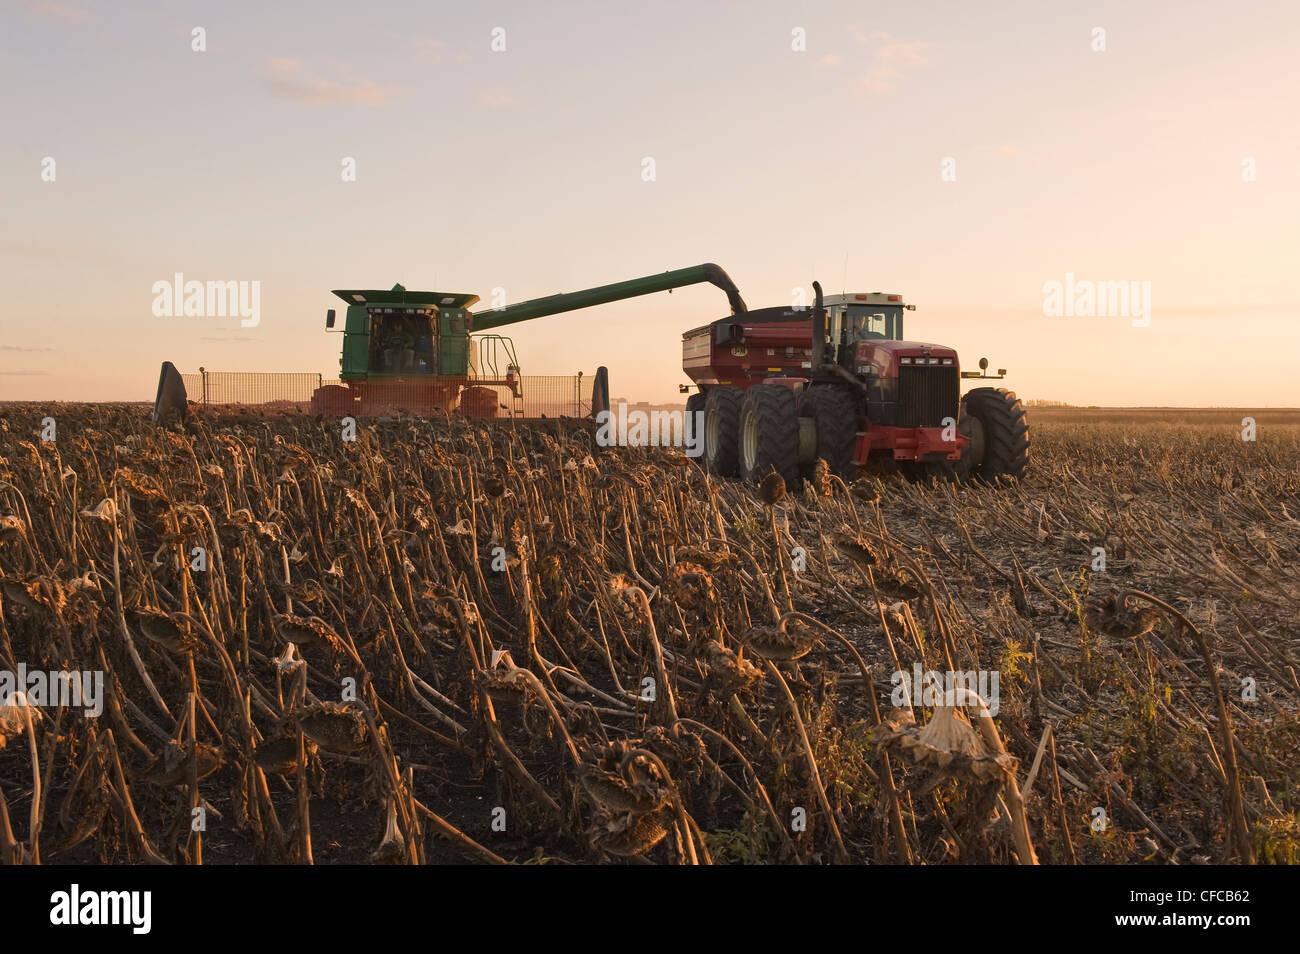 Une moissonneuse-batteuse débarque dans un wagon de grain sur le rendez-vous pendant la récolte de tournesol, Photo Stock